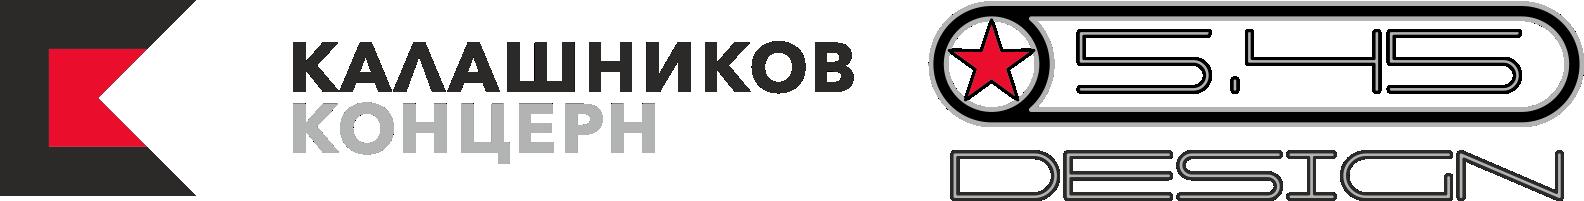 Концерн Калашников и 5.45 DESIGN-Logo.png